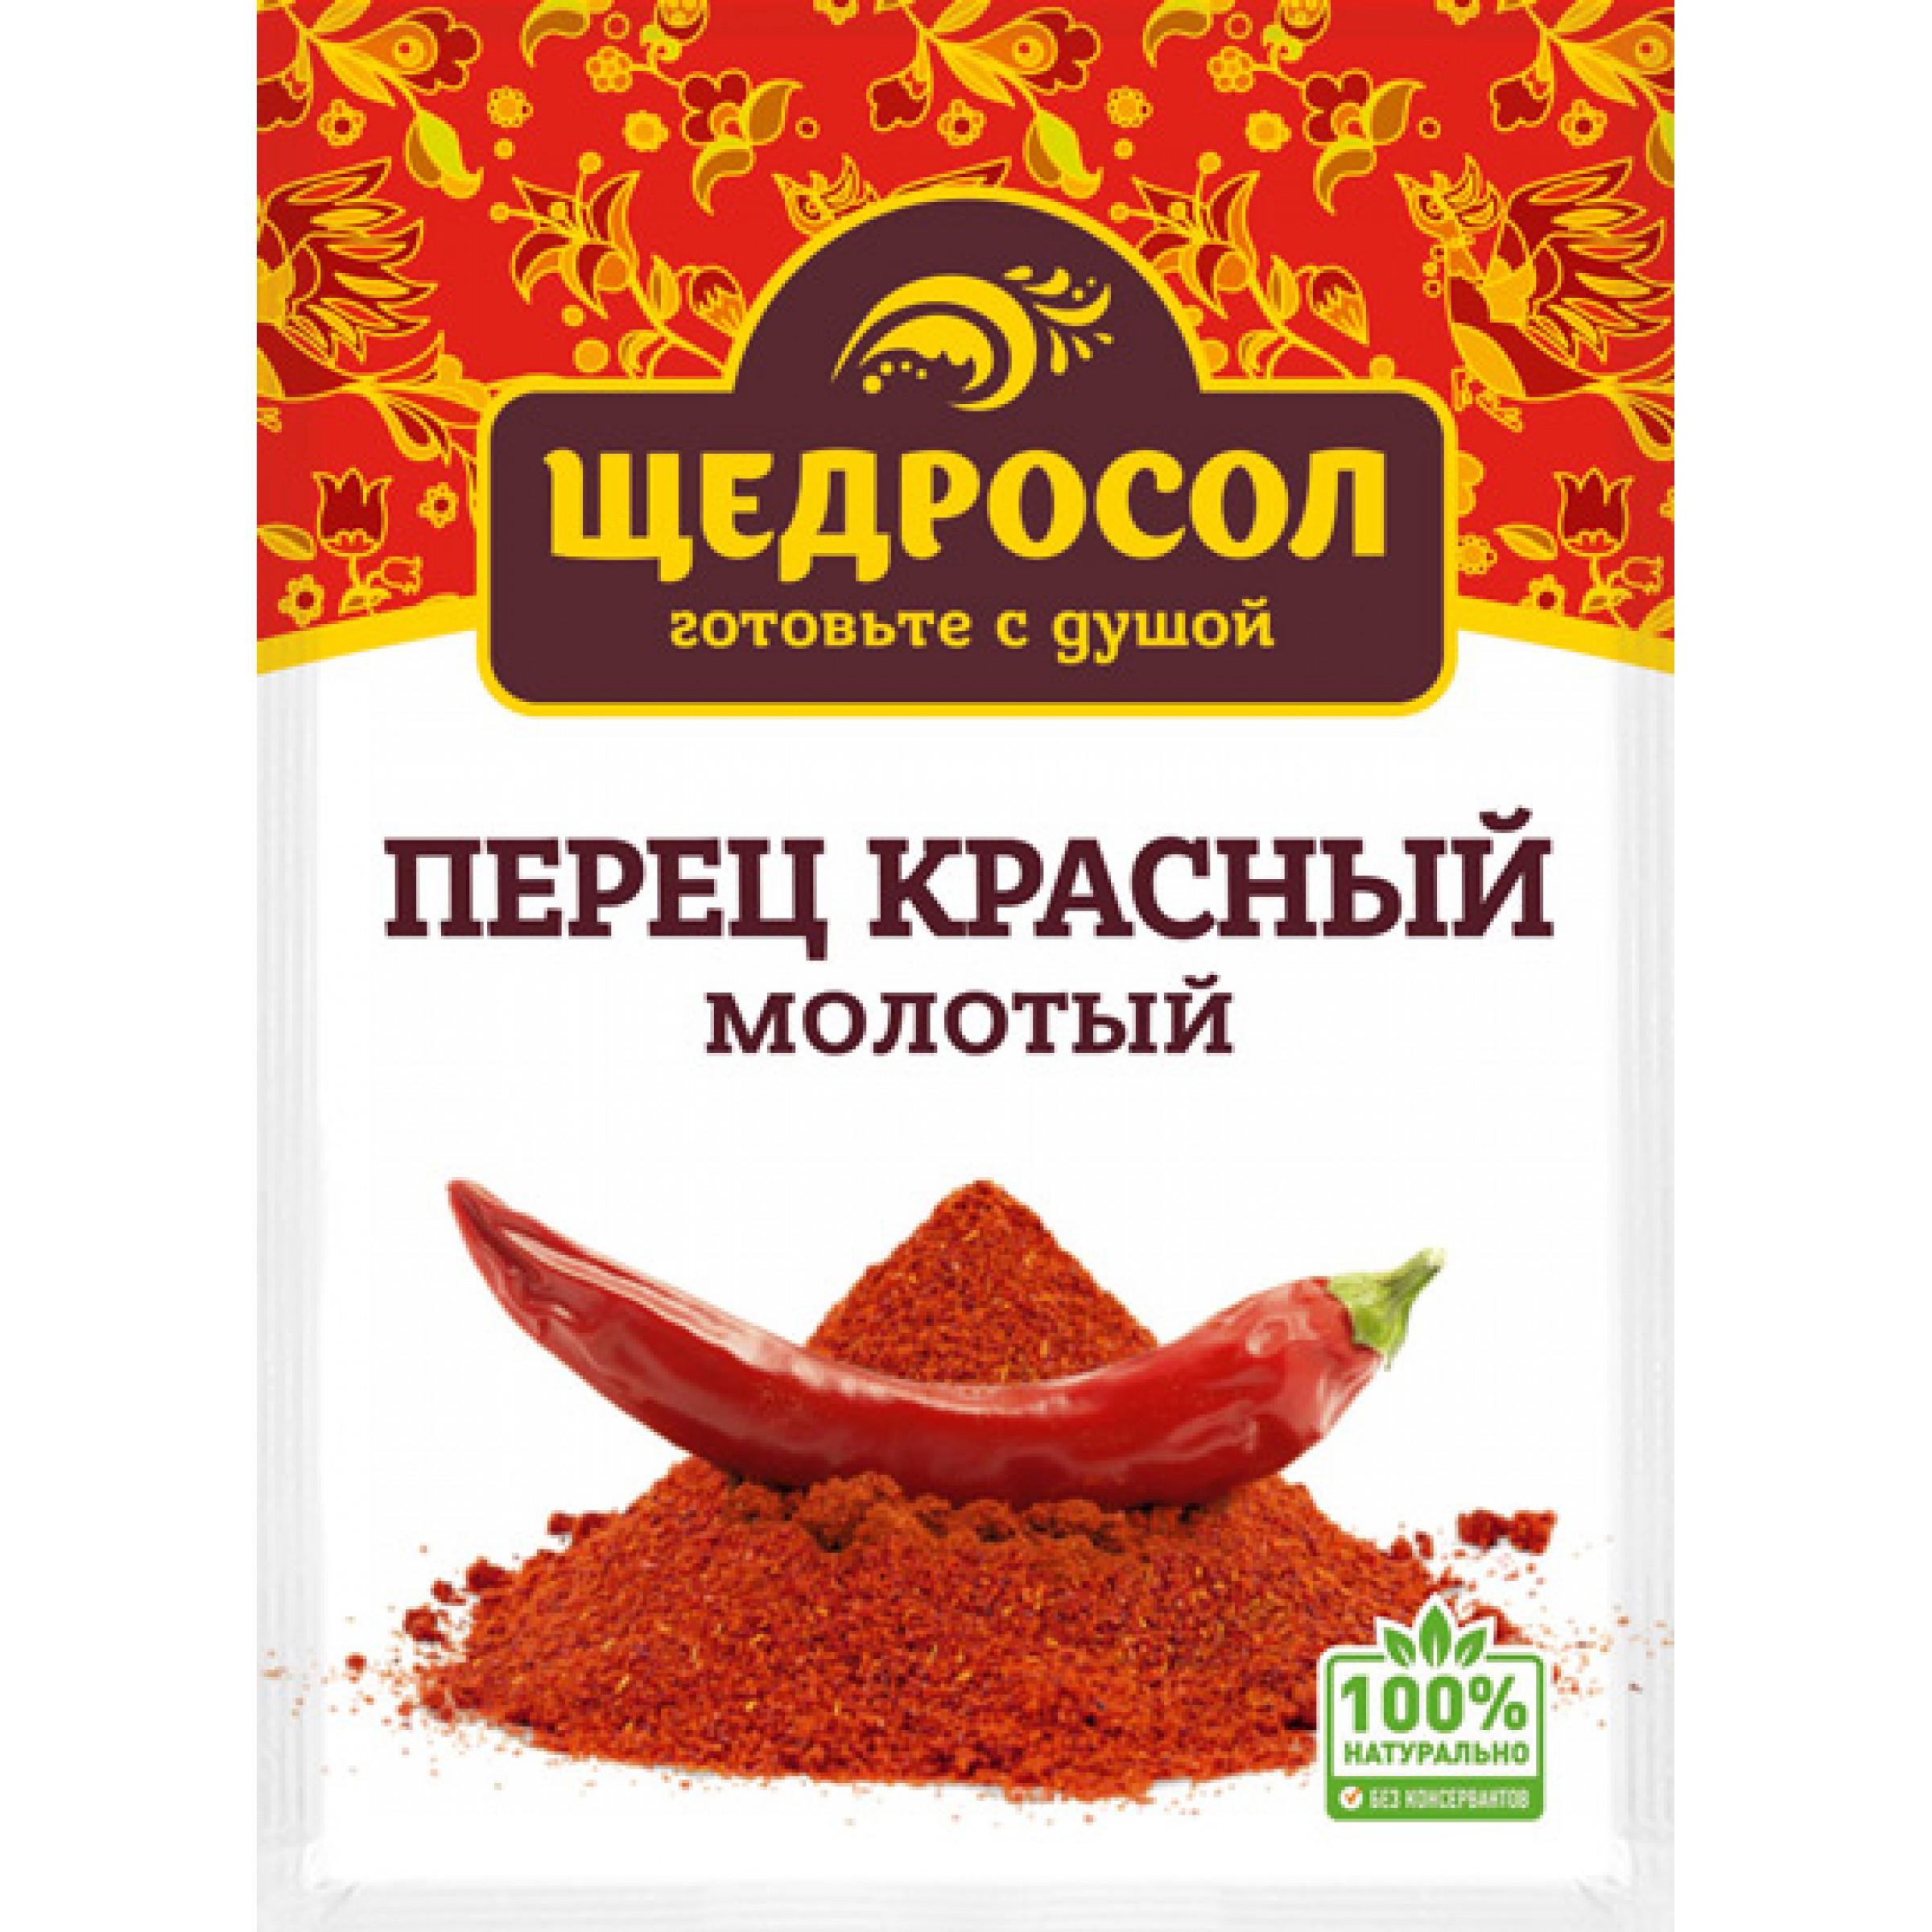 Перец красный молотый, Щедросол, 10 гр